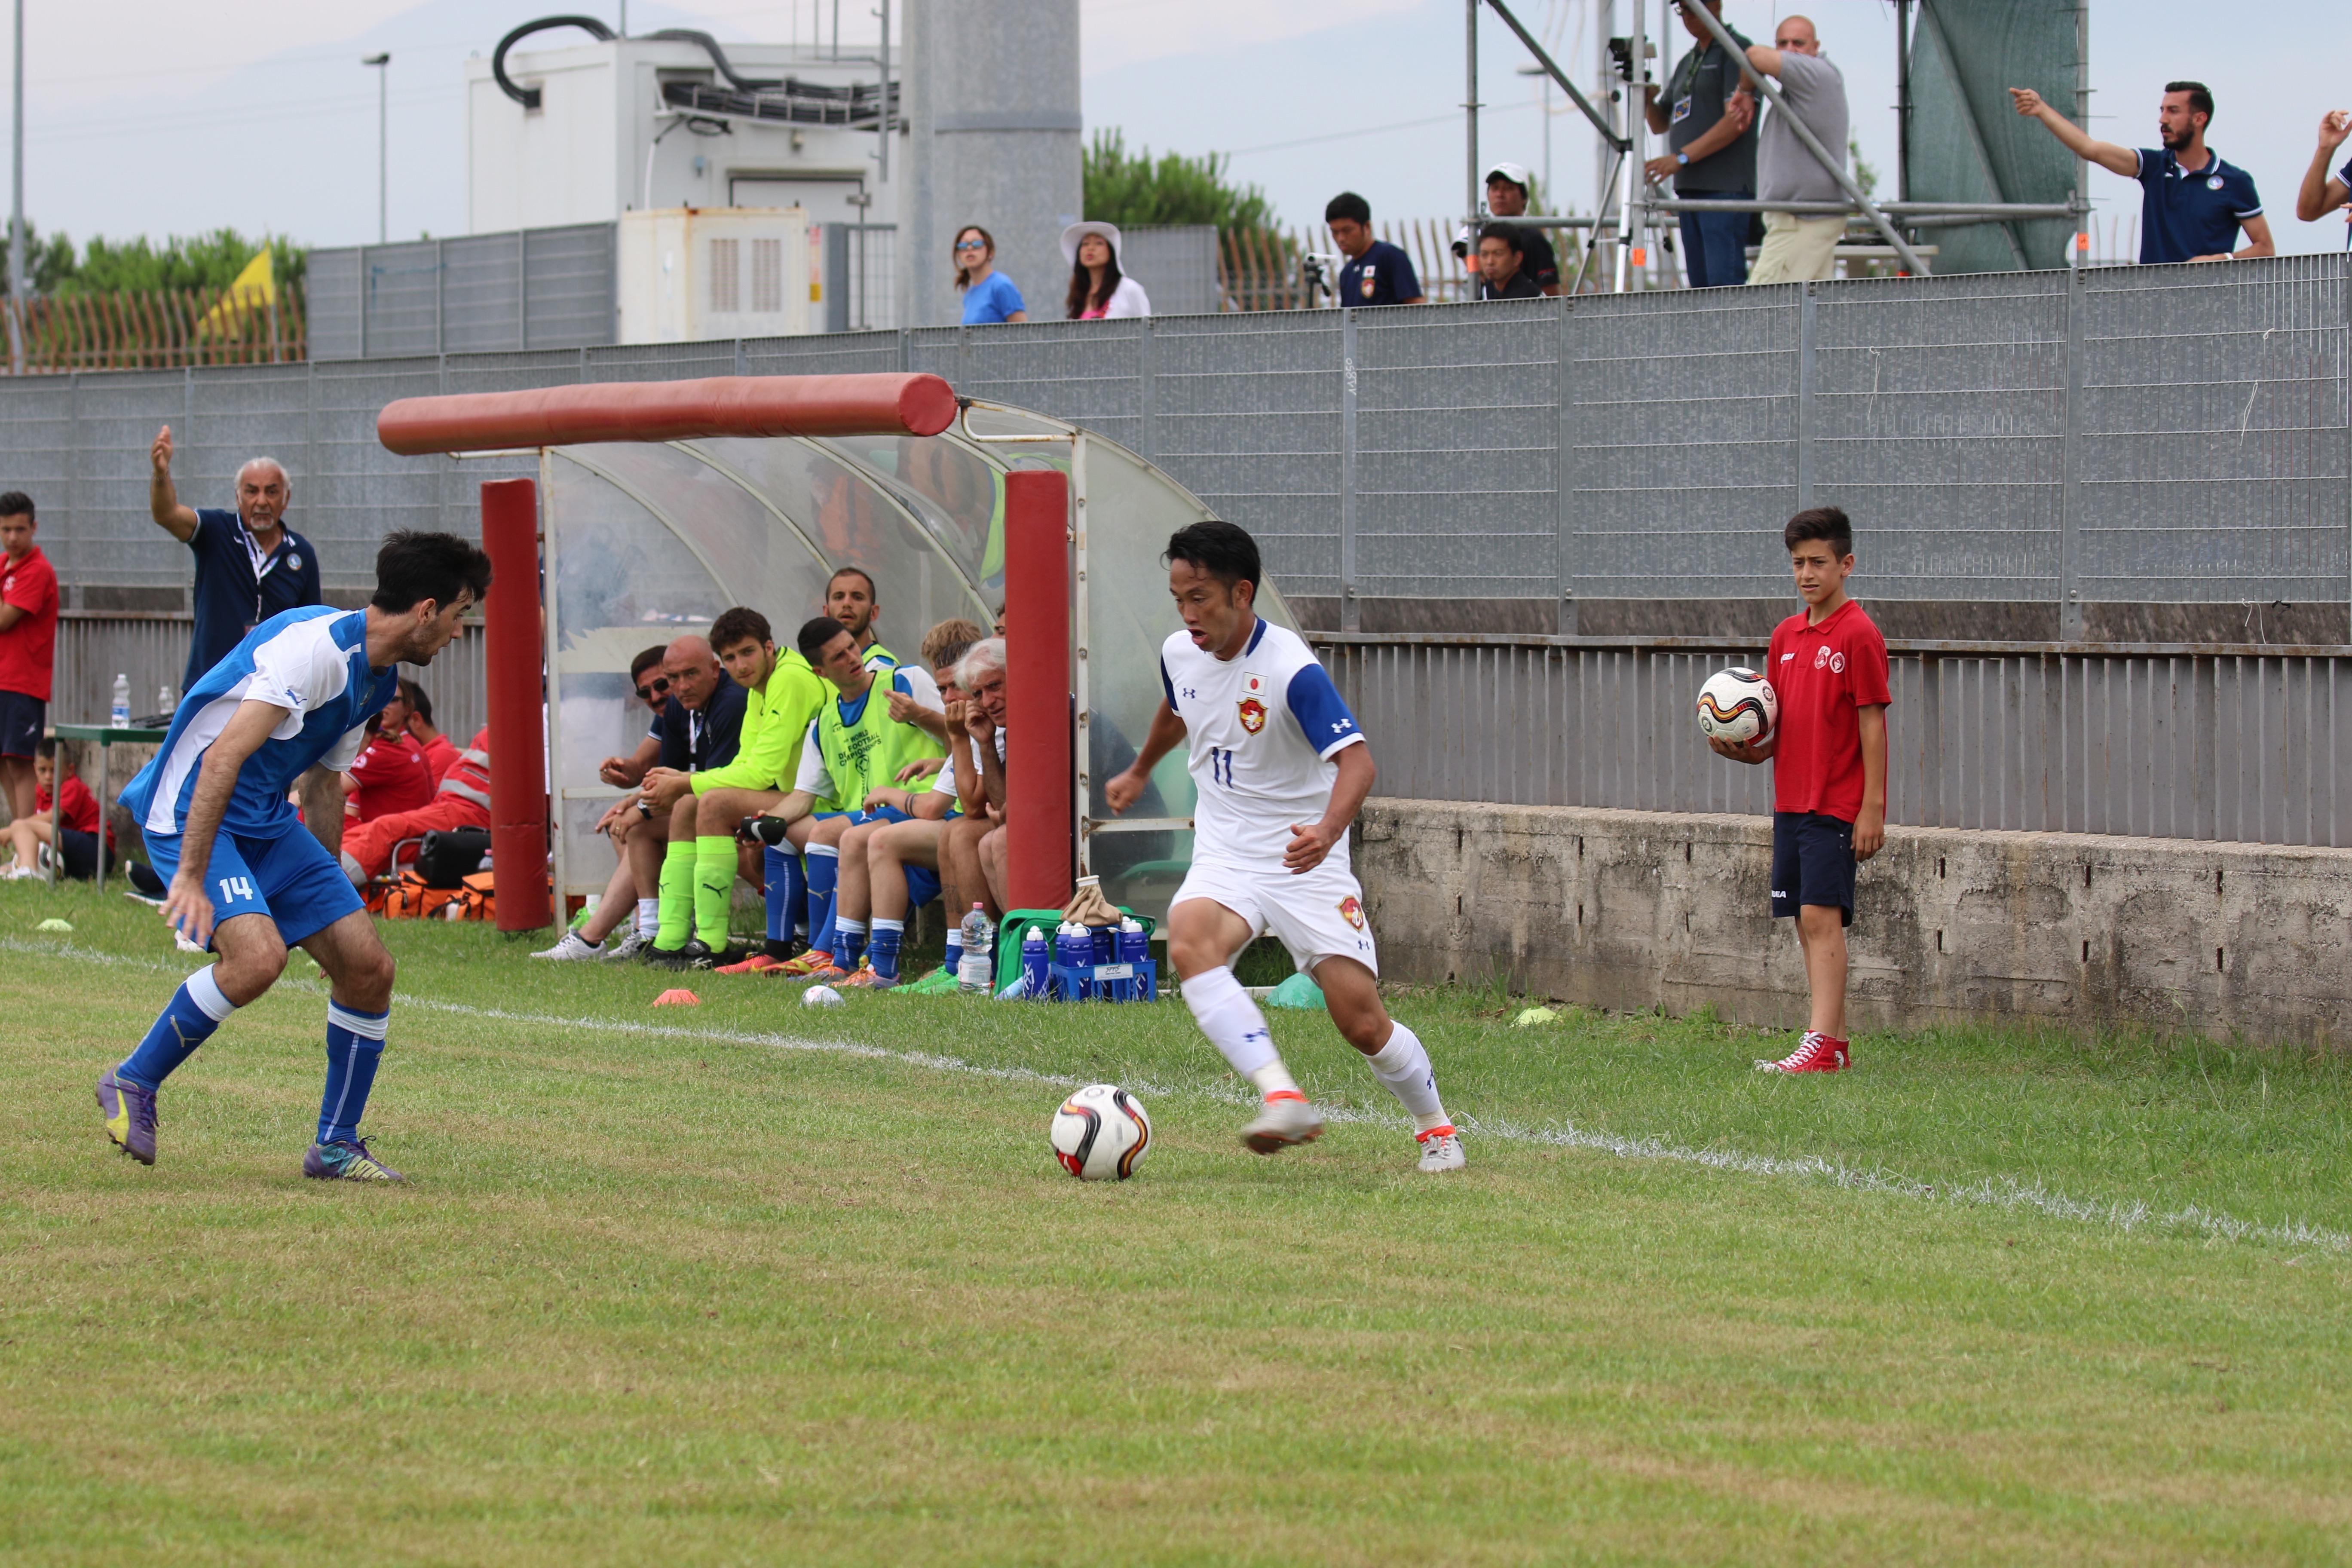 初戦の退場が悔やまれるが、3試合6得点をマークした古島選手。今後の活躍に期待が持たれる